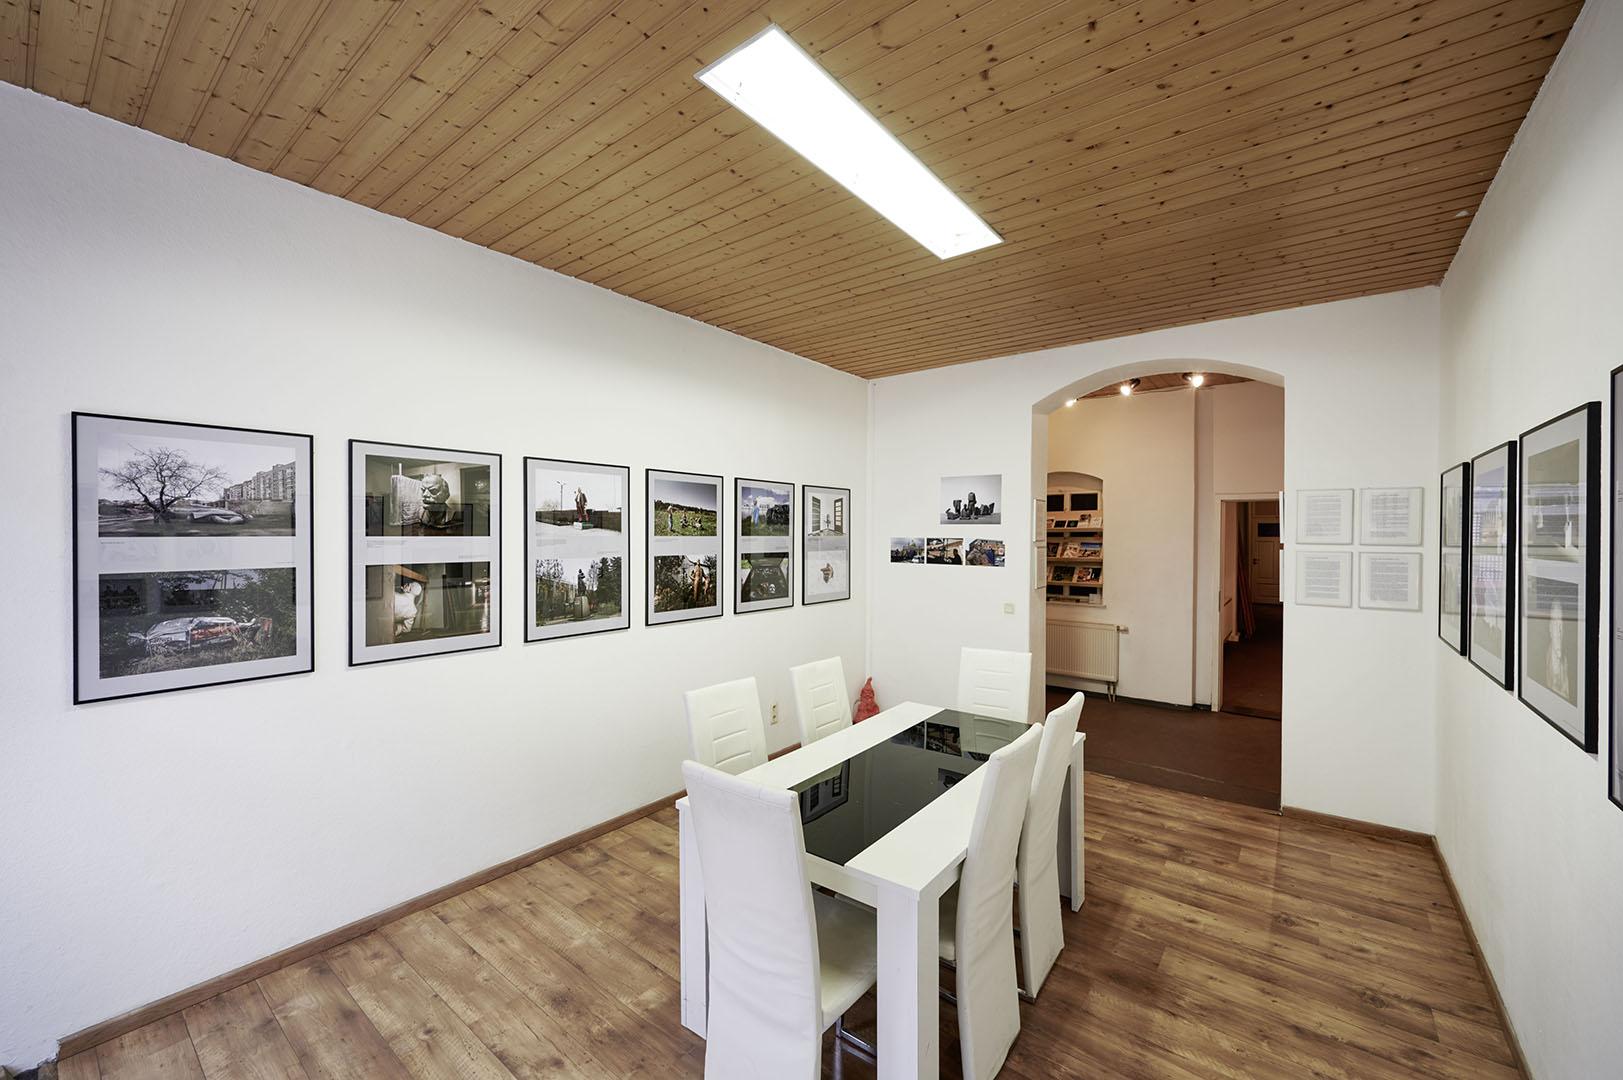 Galerie nEUROPA